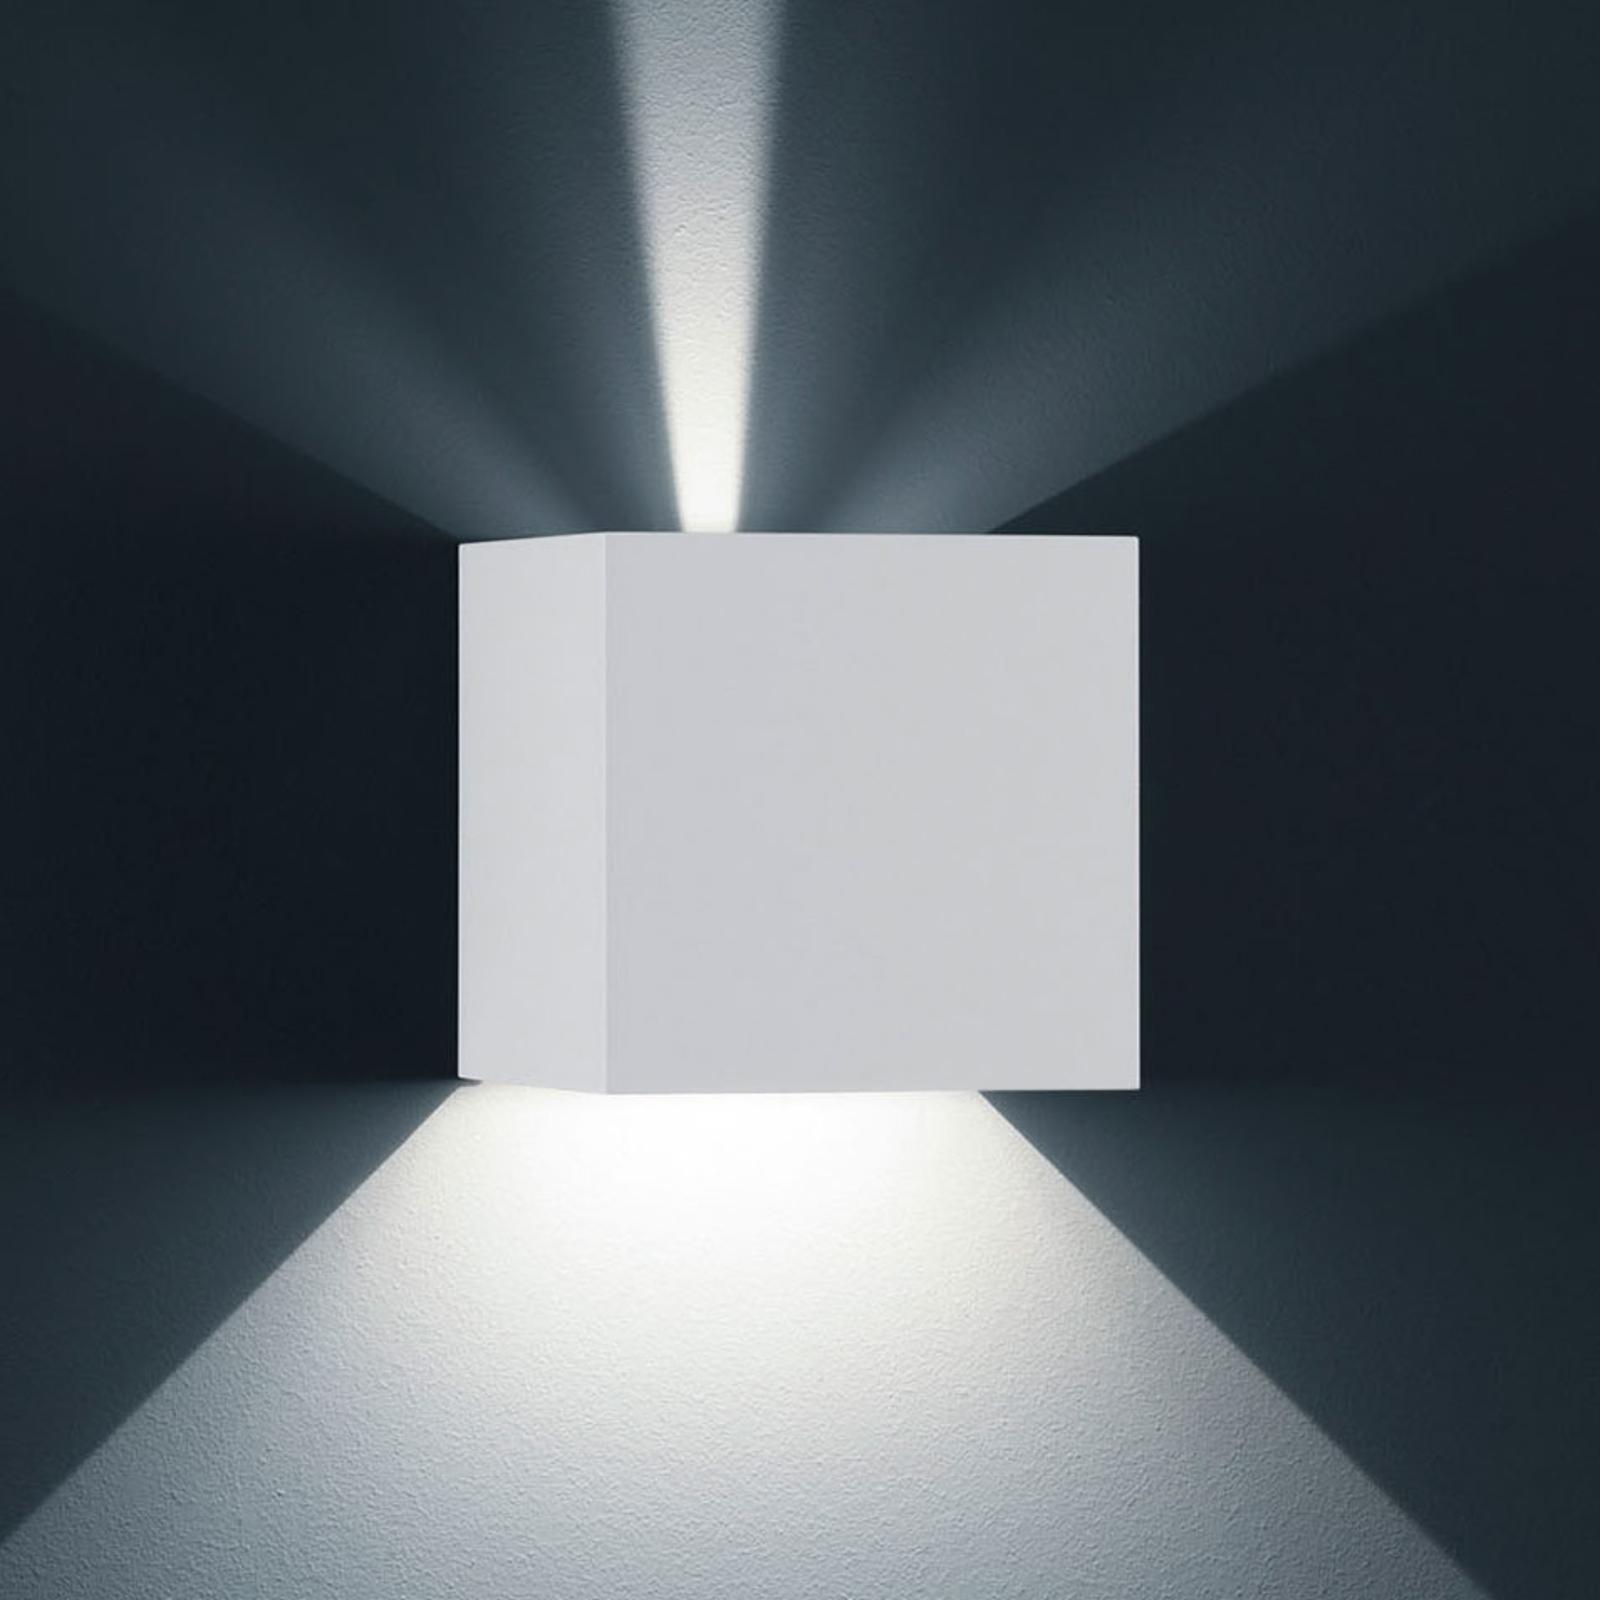 Helestra Siri 44 L Außenwandlampe up/down weiß